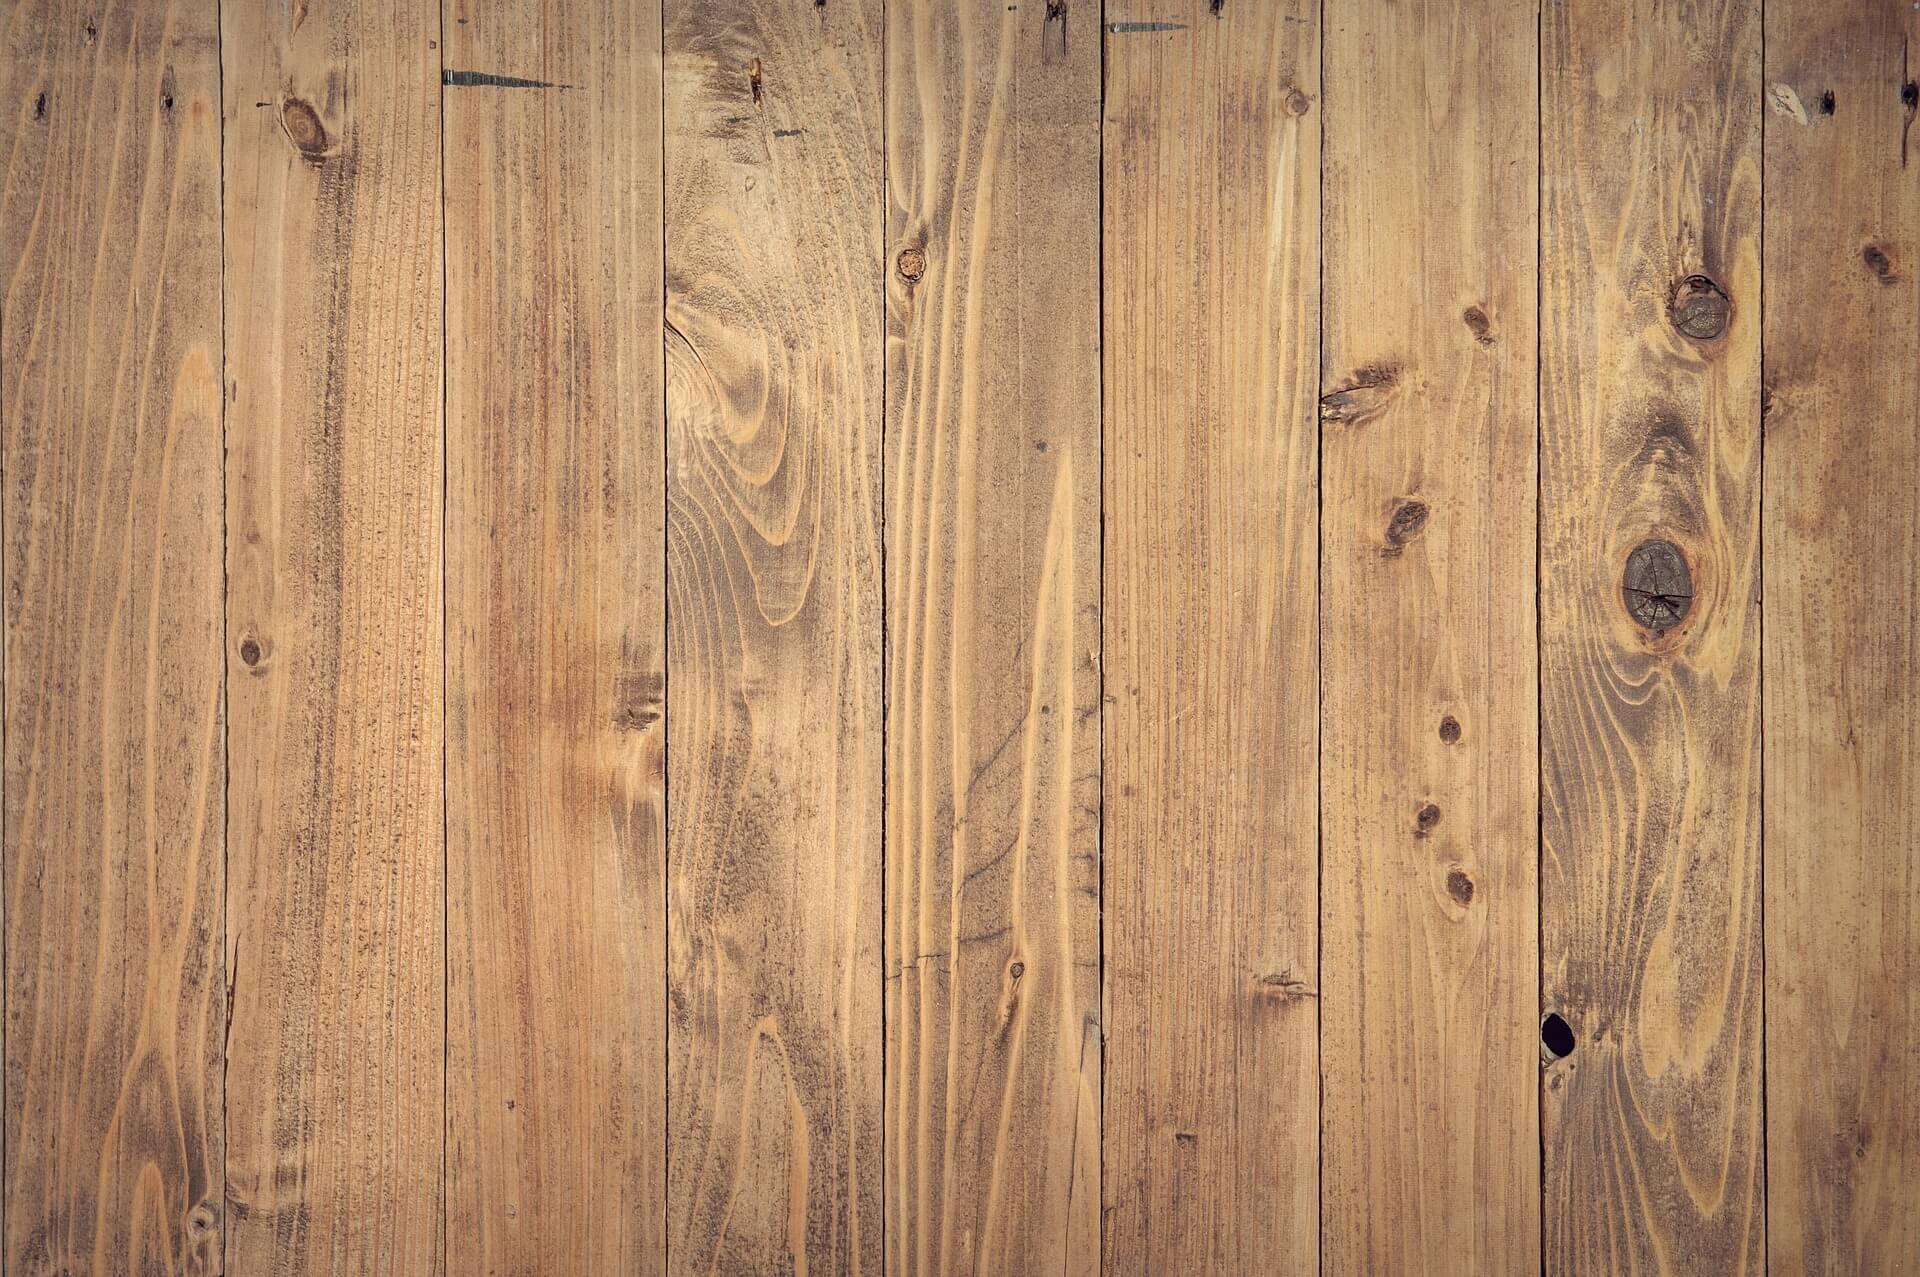 voordelen PVCvloer